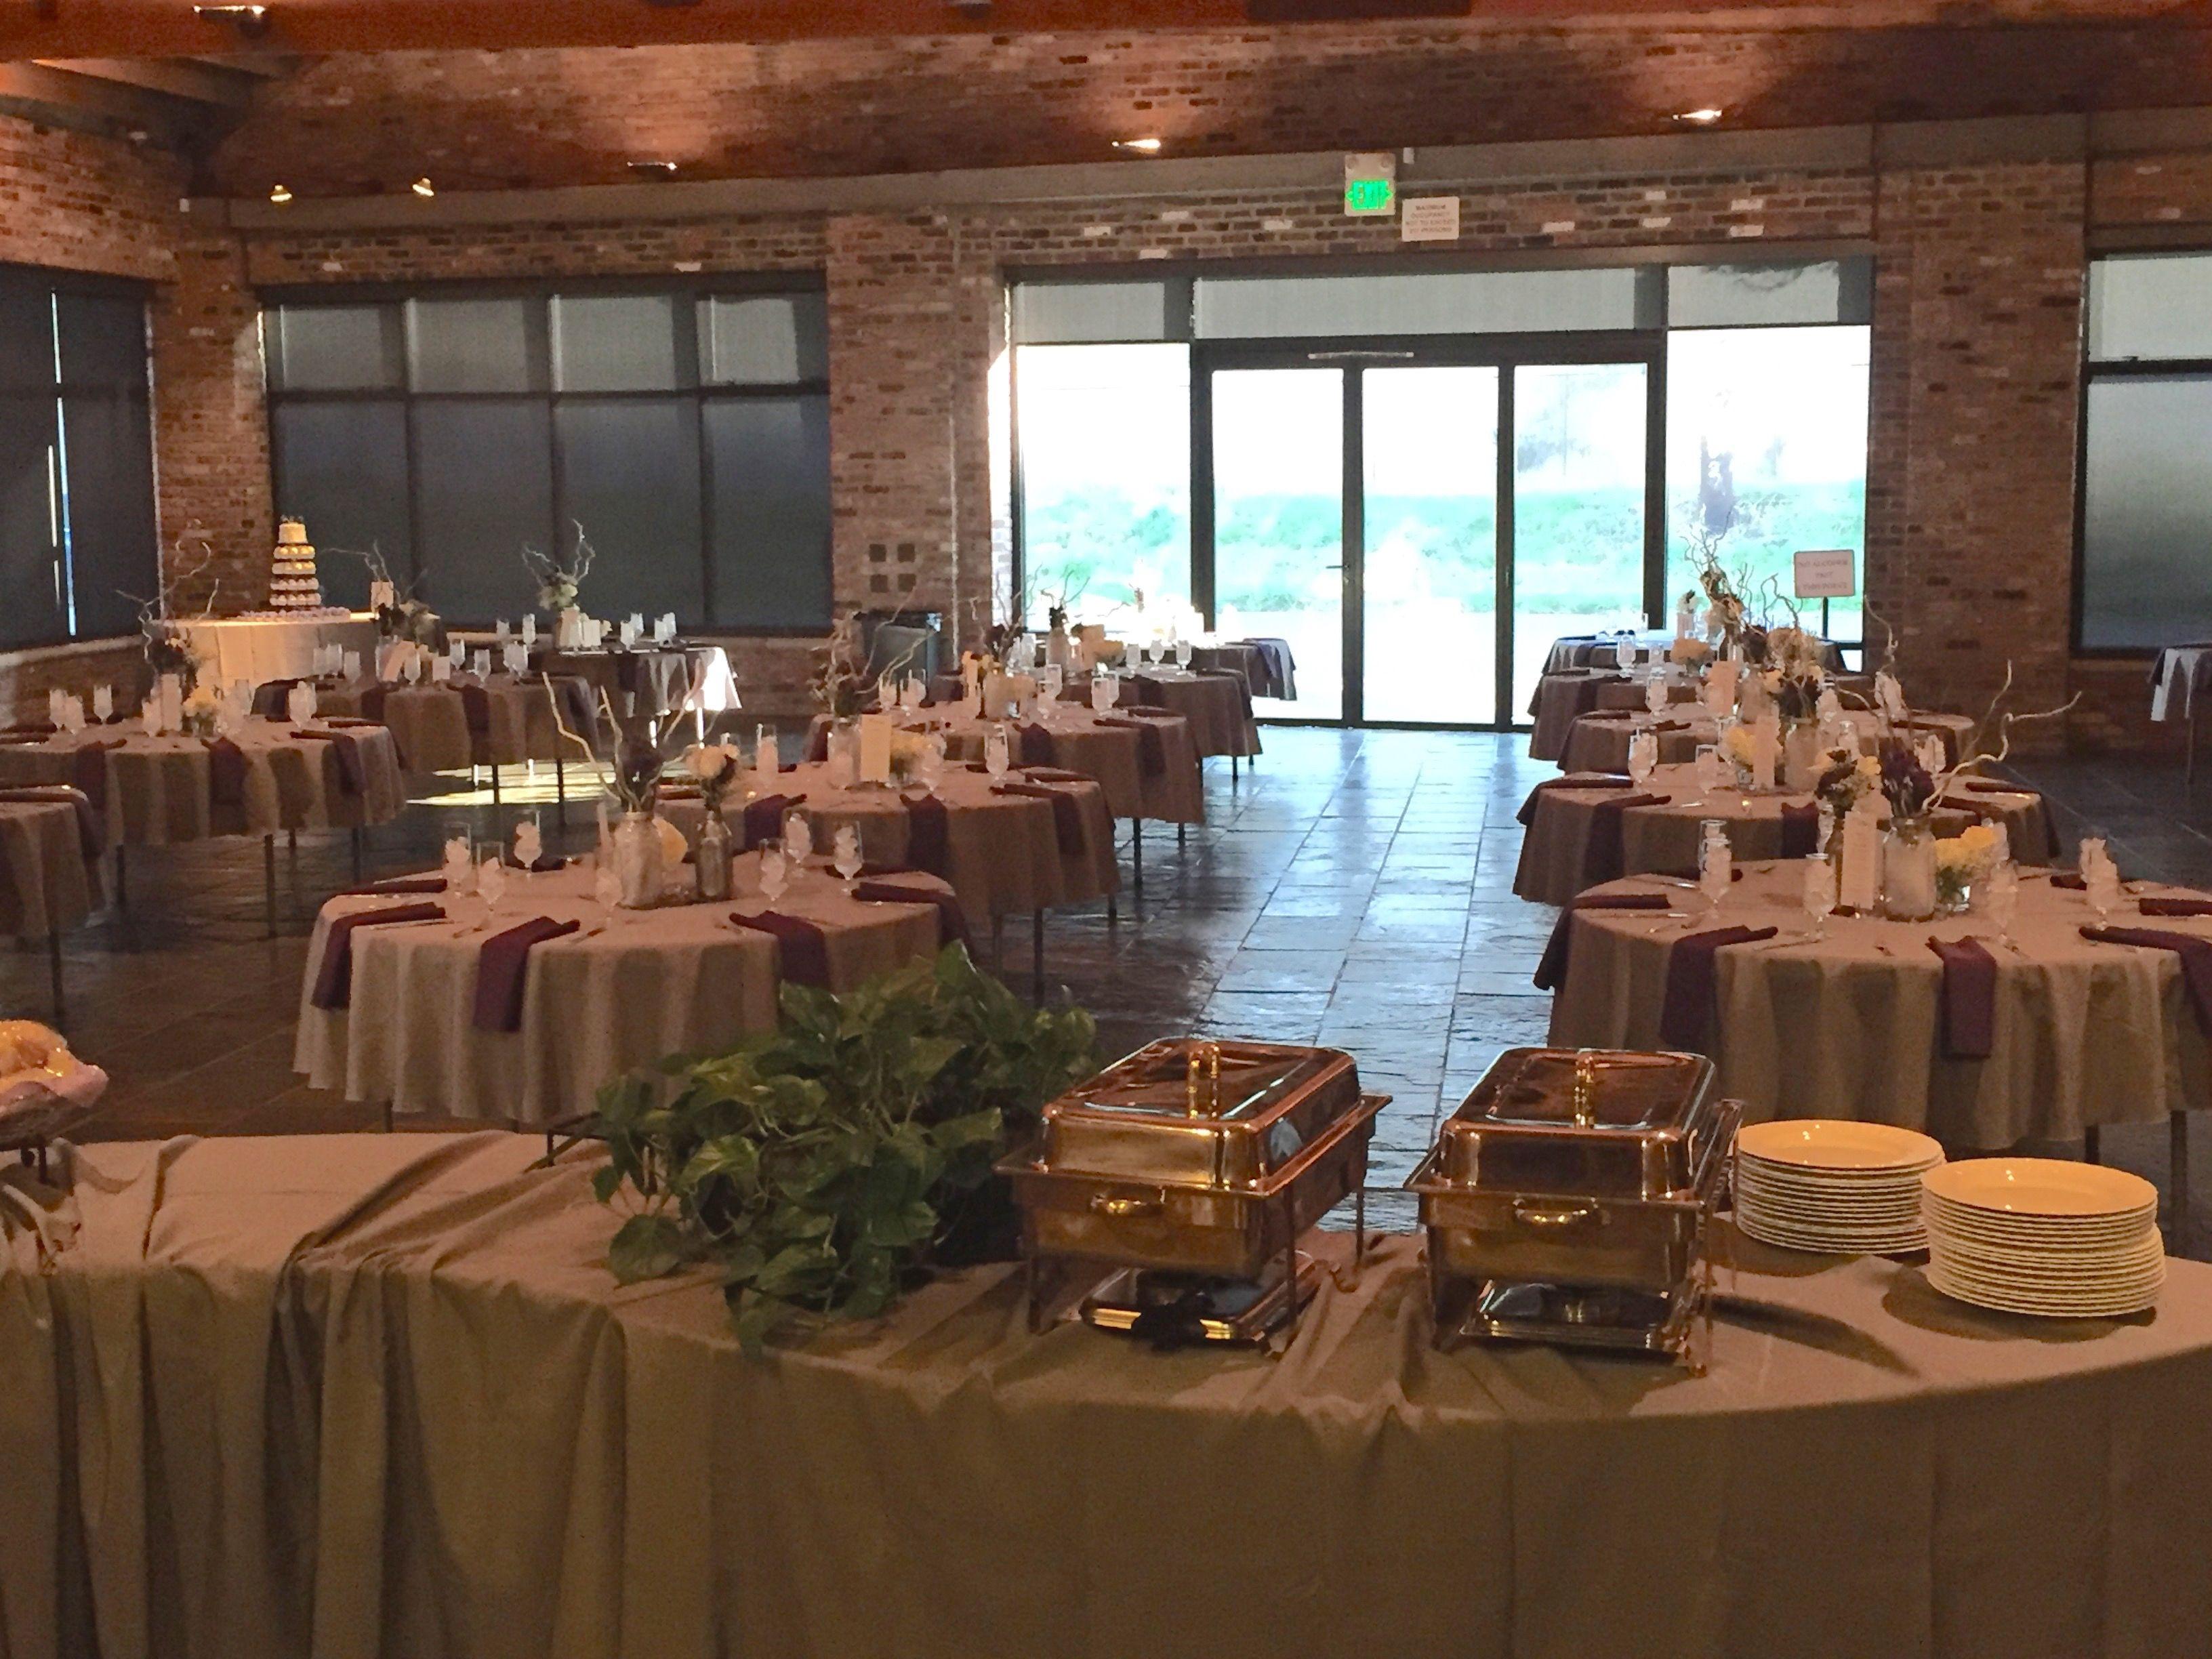 #historic1625tacomplace #pewter #wedding #eggplant #snuffins #snuffinscatering #tacomawedding #wedding #reception